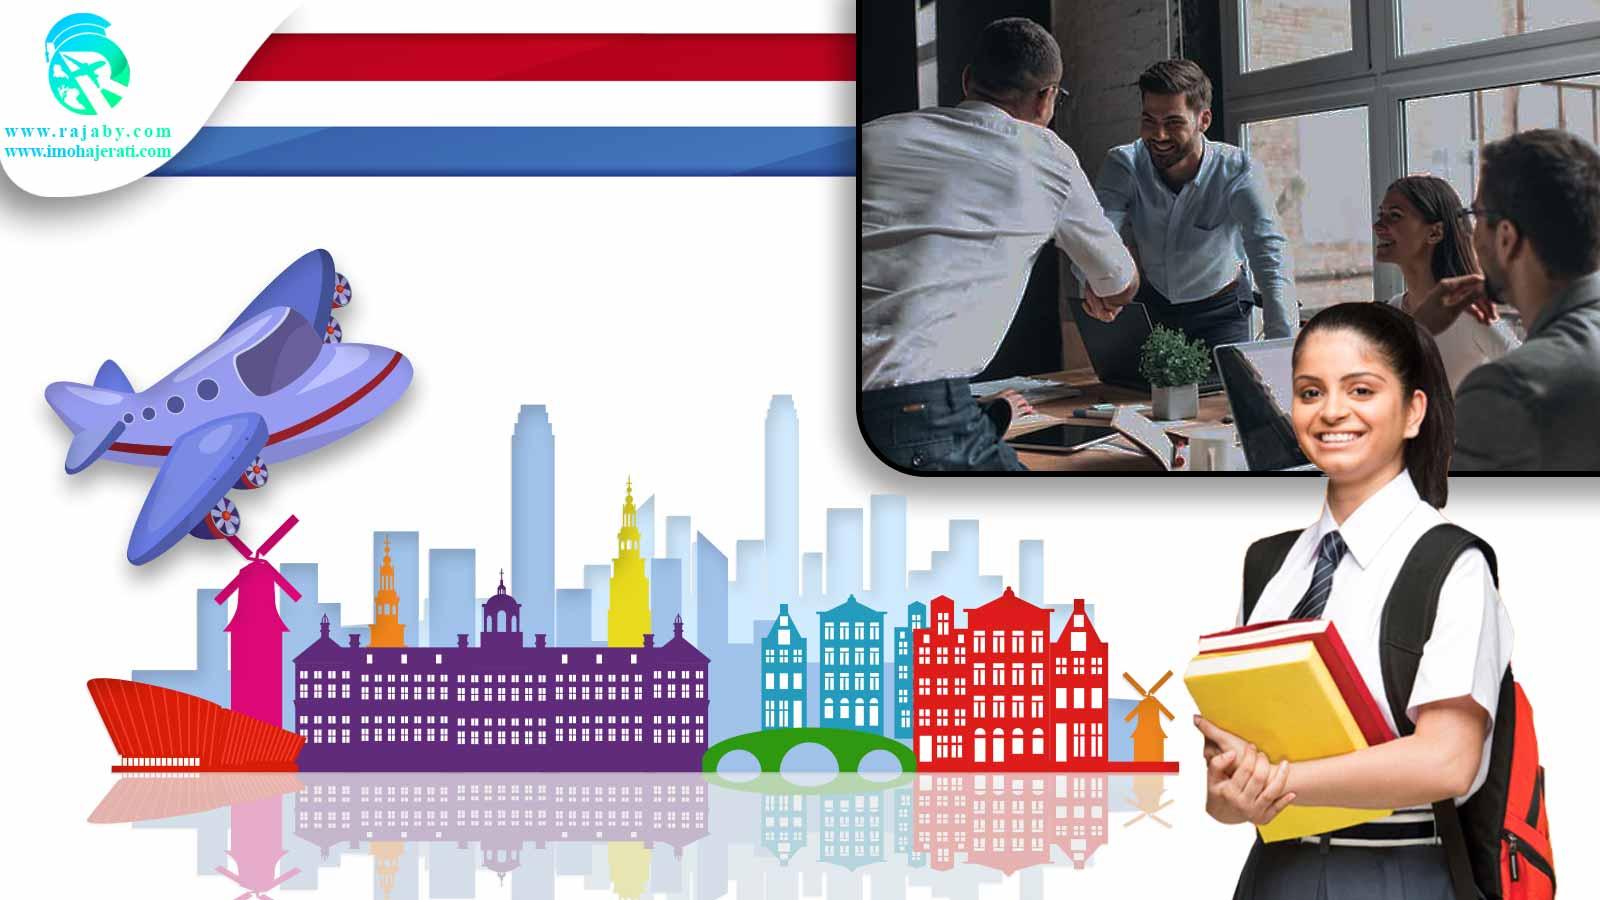 موسسات اعزام دانشجو به هلند